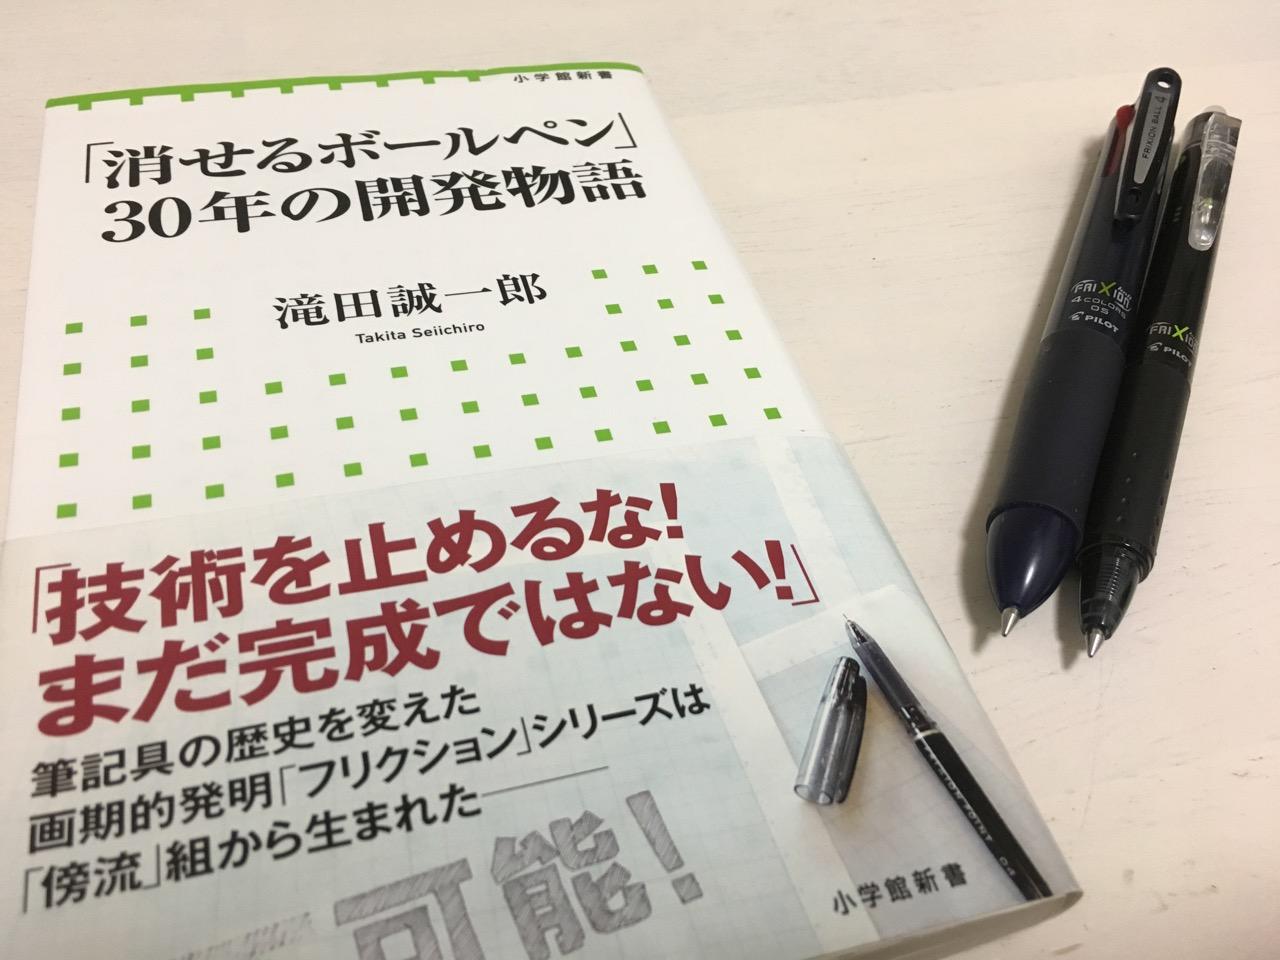 「消せるボールペン」30年の開発物語